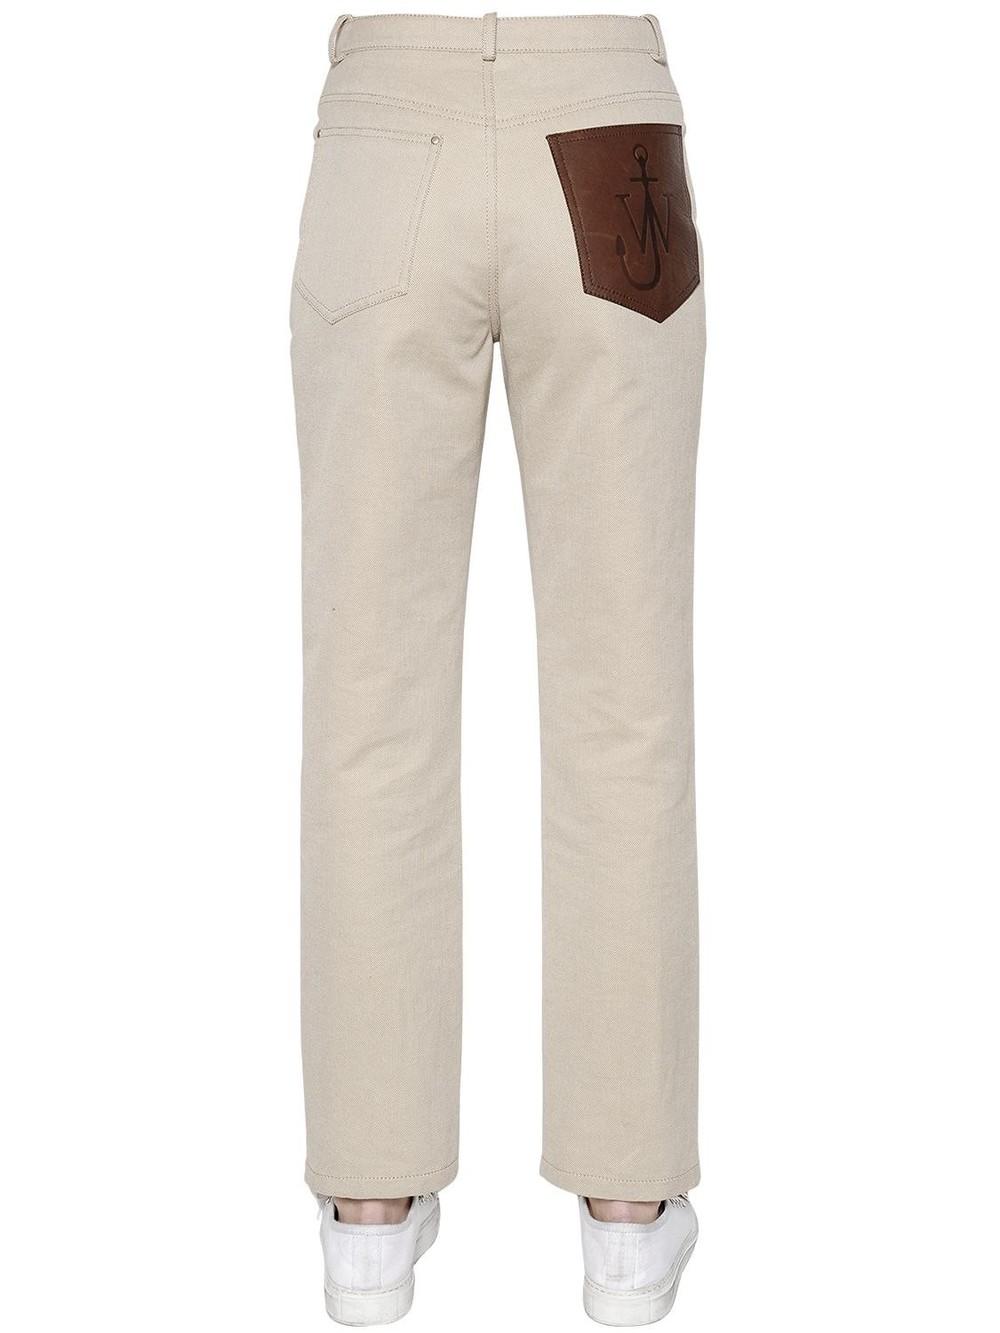 J.W.ANDERSON Cotton Denim Jeans W/ Leather Logo Patch in beige / beige